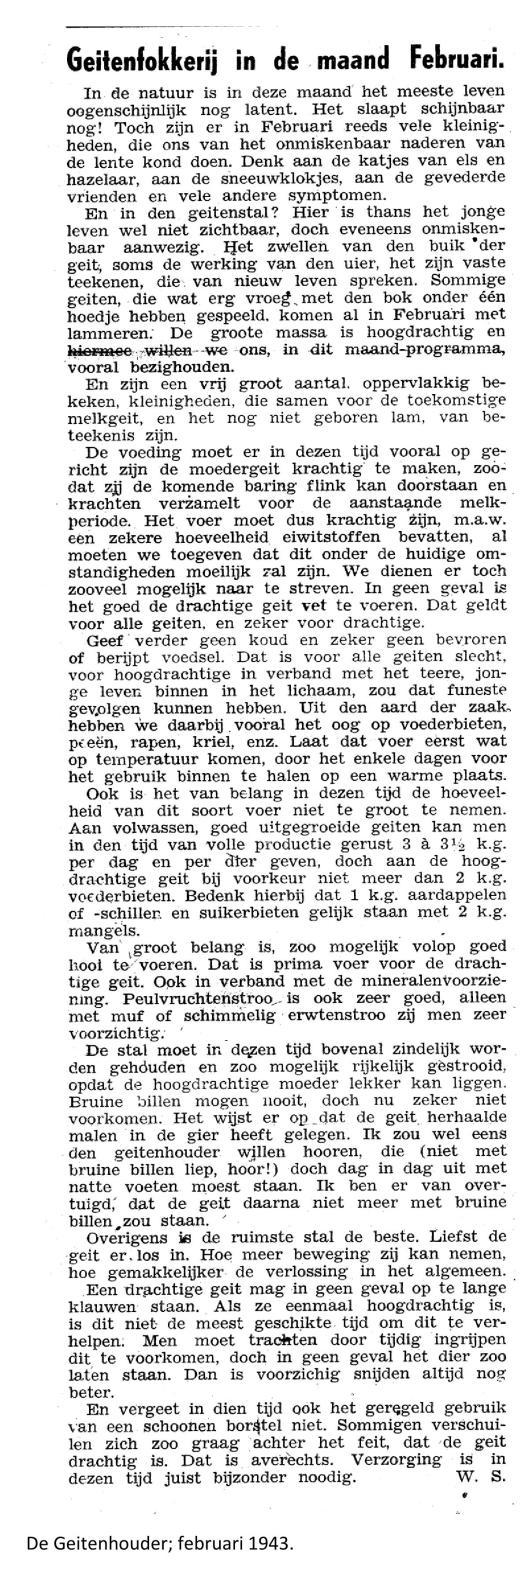 weblog-februari-1943-de-geitenhouder-1943